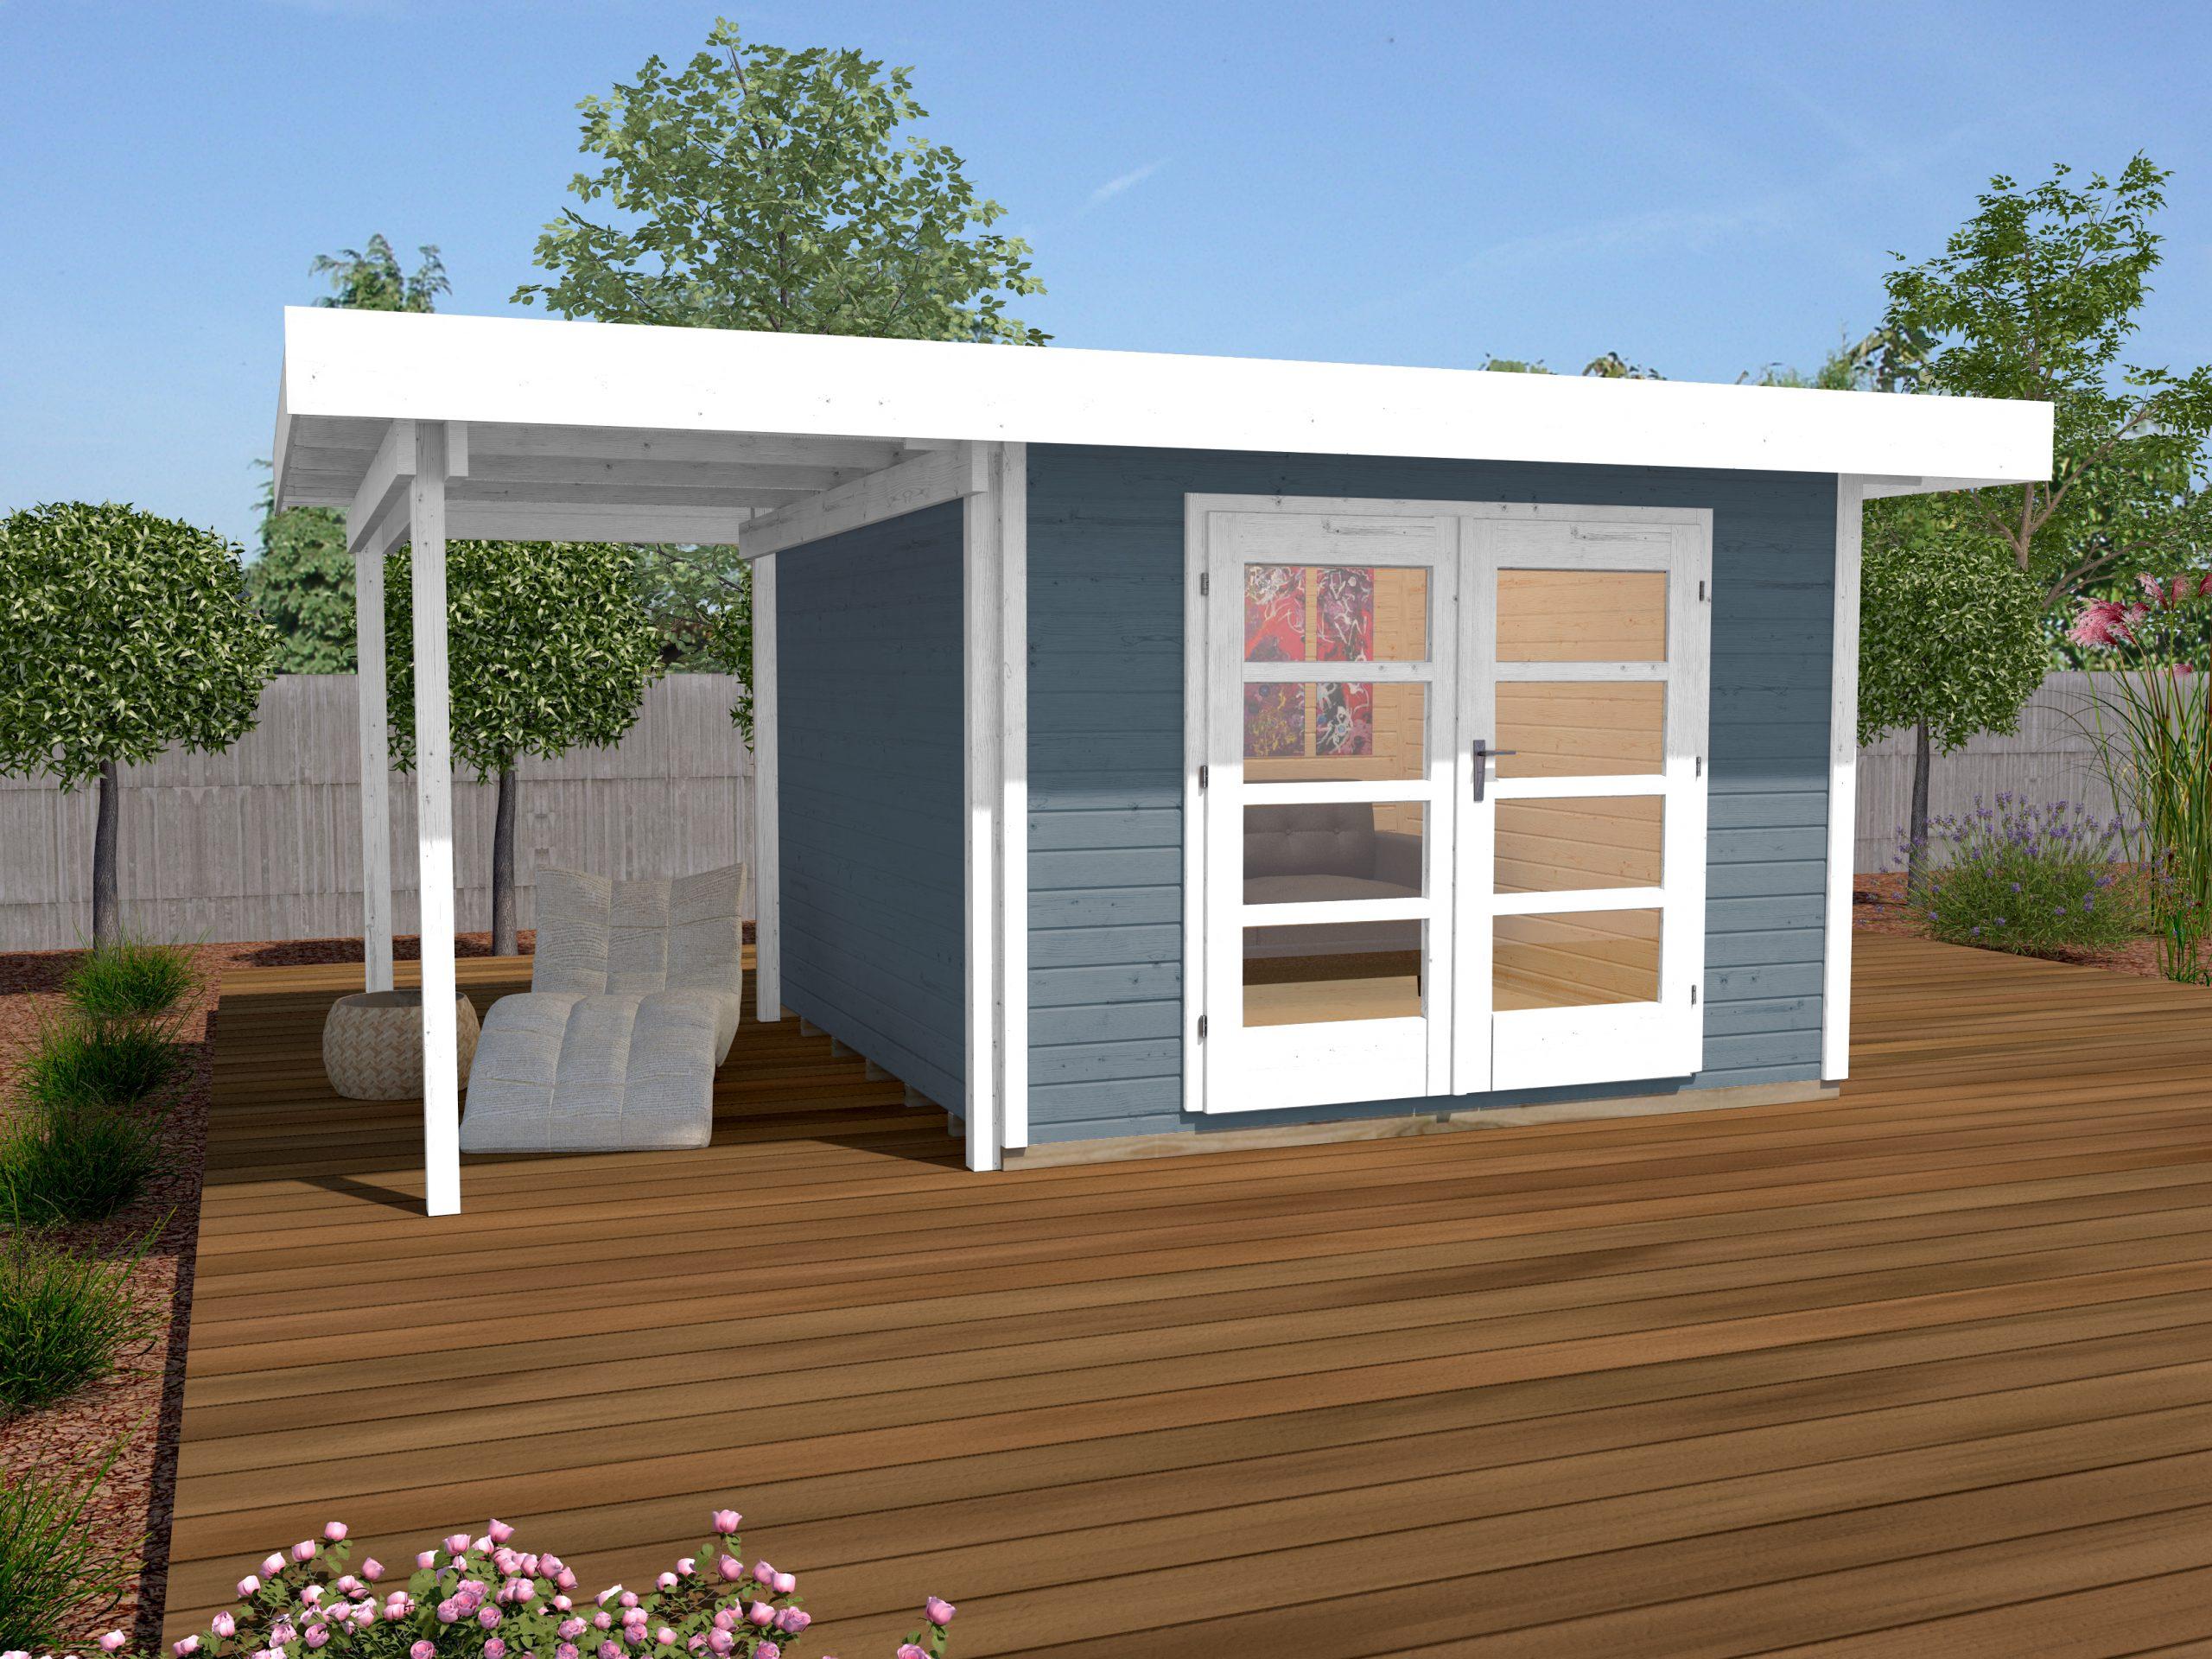 Abri De Jardin Design Toit Plat Avec Auvent Coté - Abri Bois De 10 À 15 M²  Nea Concept pour Abri De Jardin Pvc Toit Plat